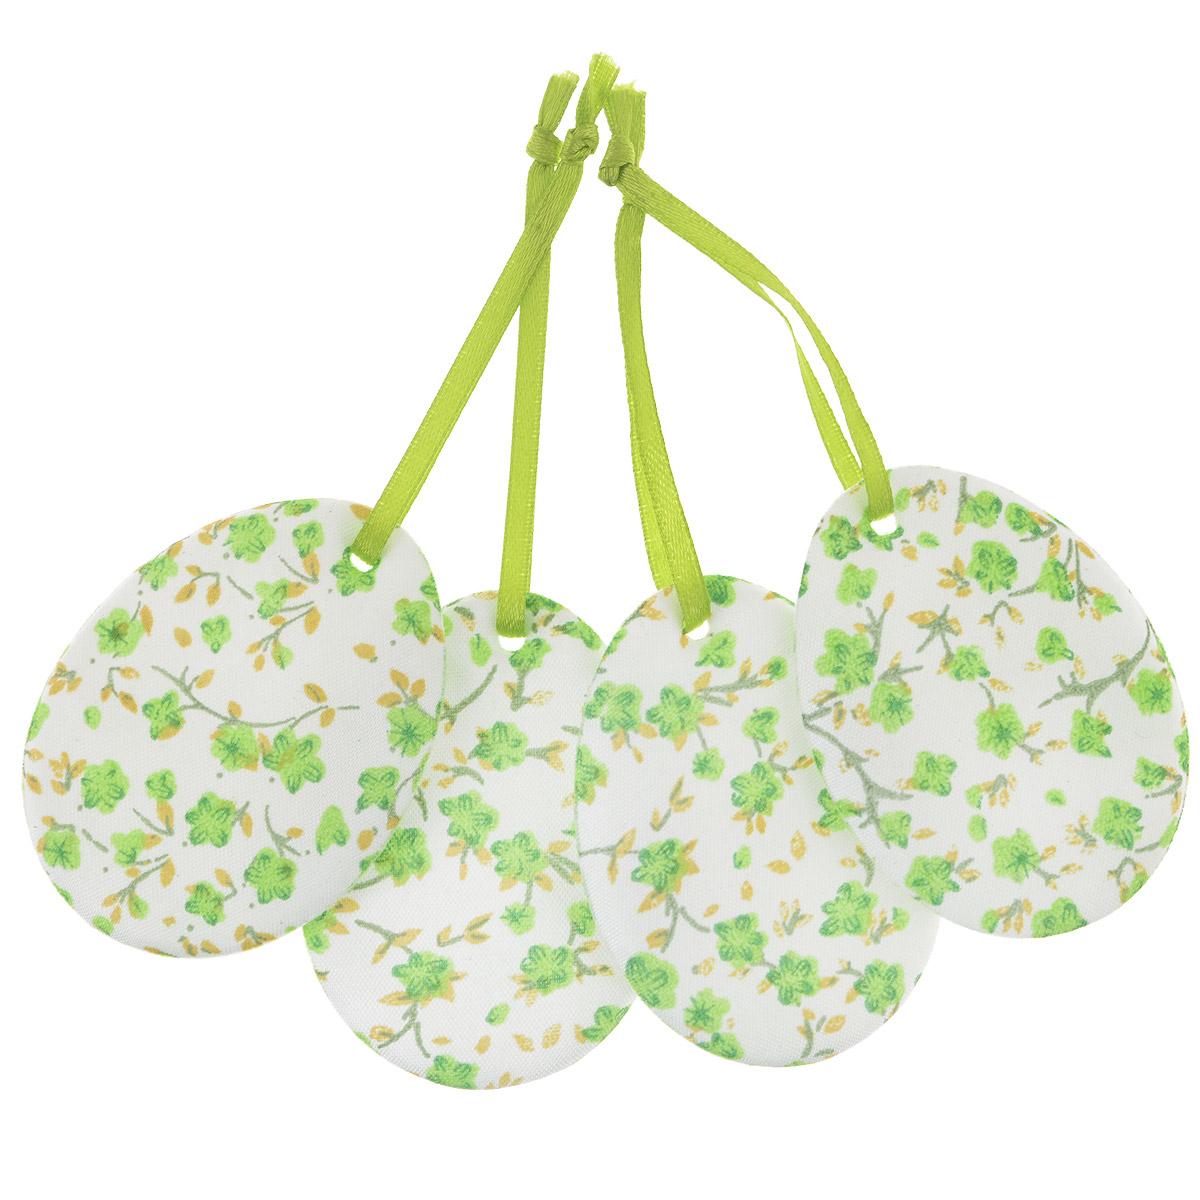 Набор пасхальных подвесных украшений Home Queen Яркий день, цвет: зеленый, 4 шт60797_1Набор Home Queen Яркий день, изготовленный из полиэстера, состоит из четырех пасхальных подвесных украшений. Изделия выполнены в виде пасхальных яиц с мягким наполнителем, декорированы цветочным принтом и оснащены текстильными петельками для подвешивания. Такой набор прекрасно дополнит оформление вашего дома на Пасху. Размер украшения: 6,5 см х 5 см х 0,3 см.